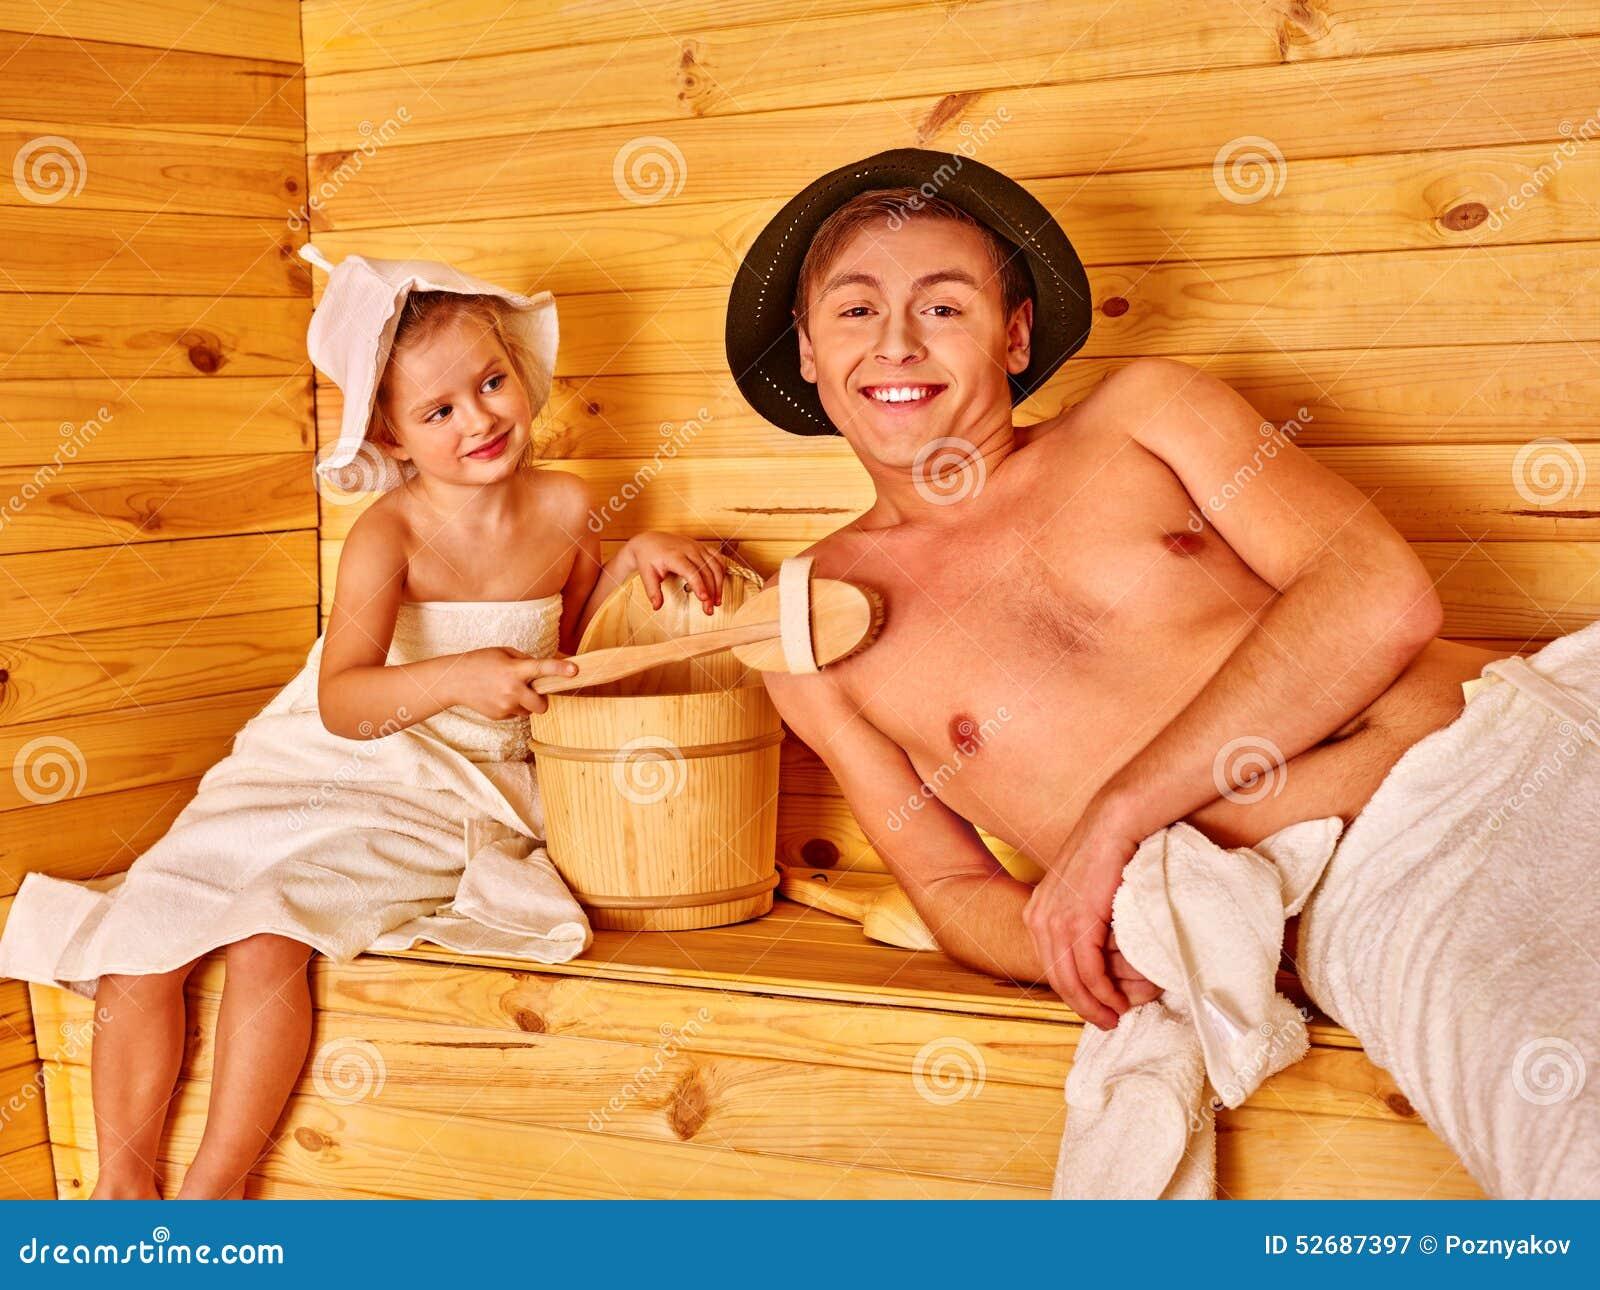 Смотреть онлайн с мамой в бане, В бане с мамой - 62 видео. Смотреть в бане с мамой 25 фотография